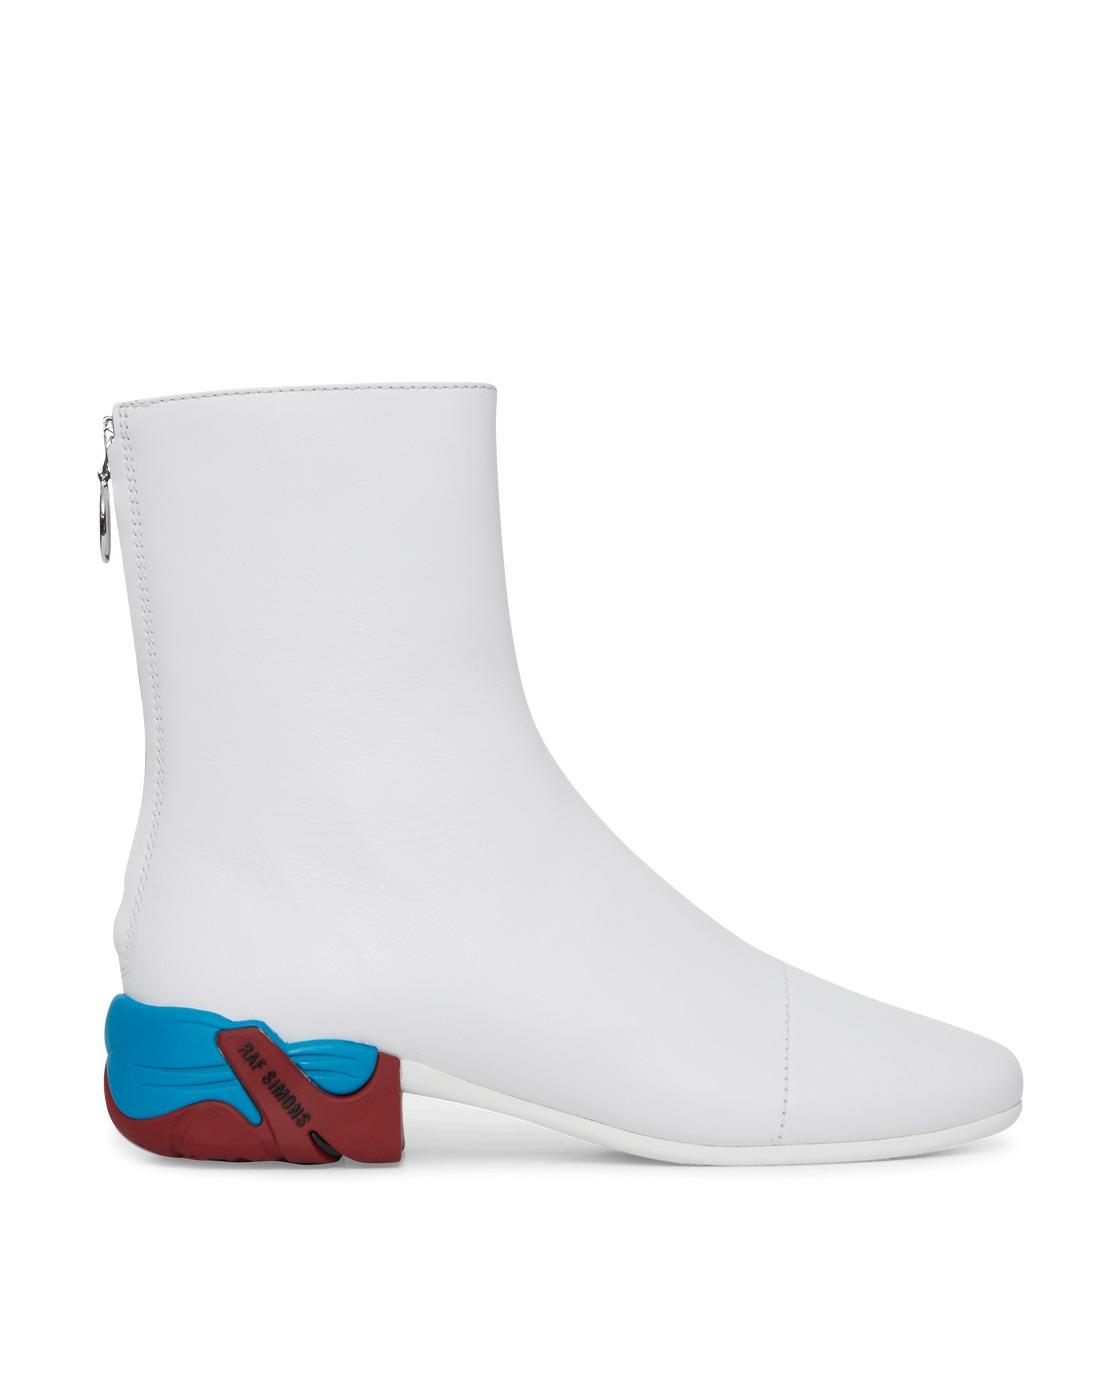 Raf Simons Runner Solaris 2 High Boots White Multi